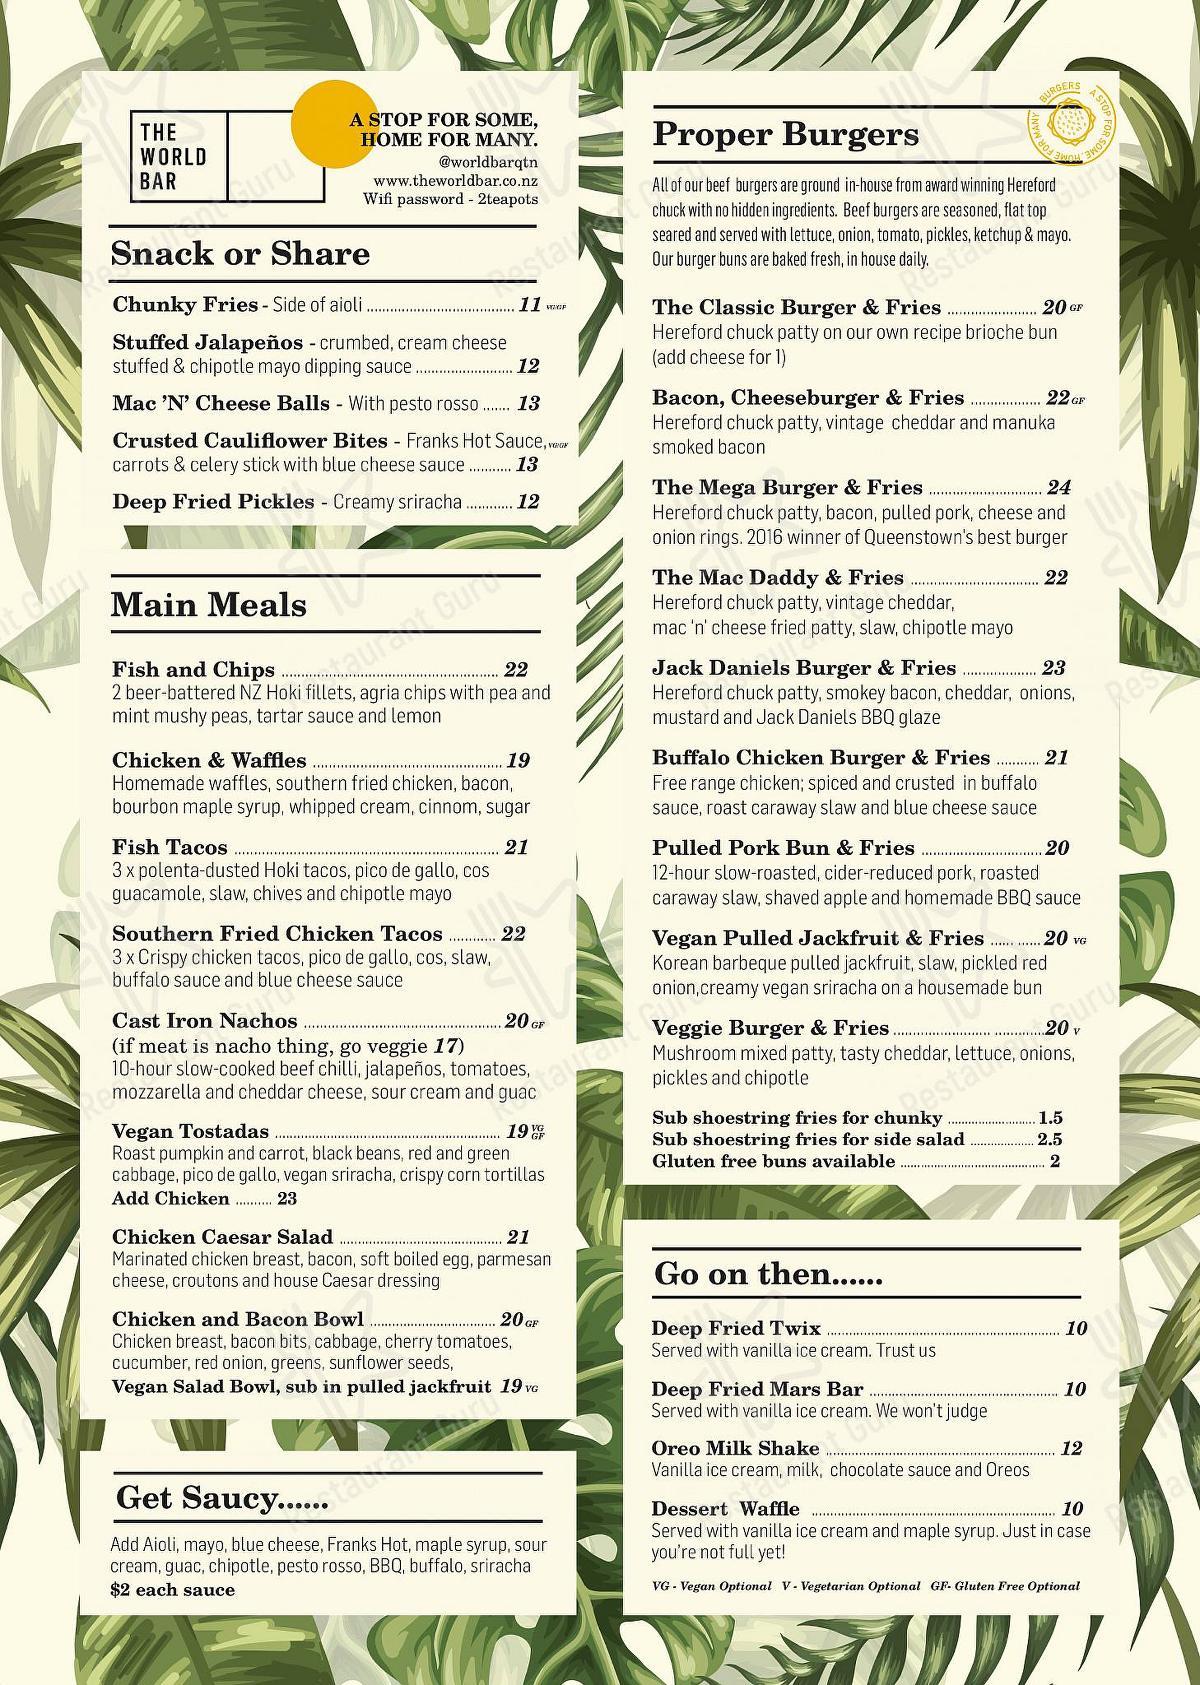 The World Bar menu